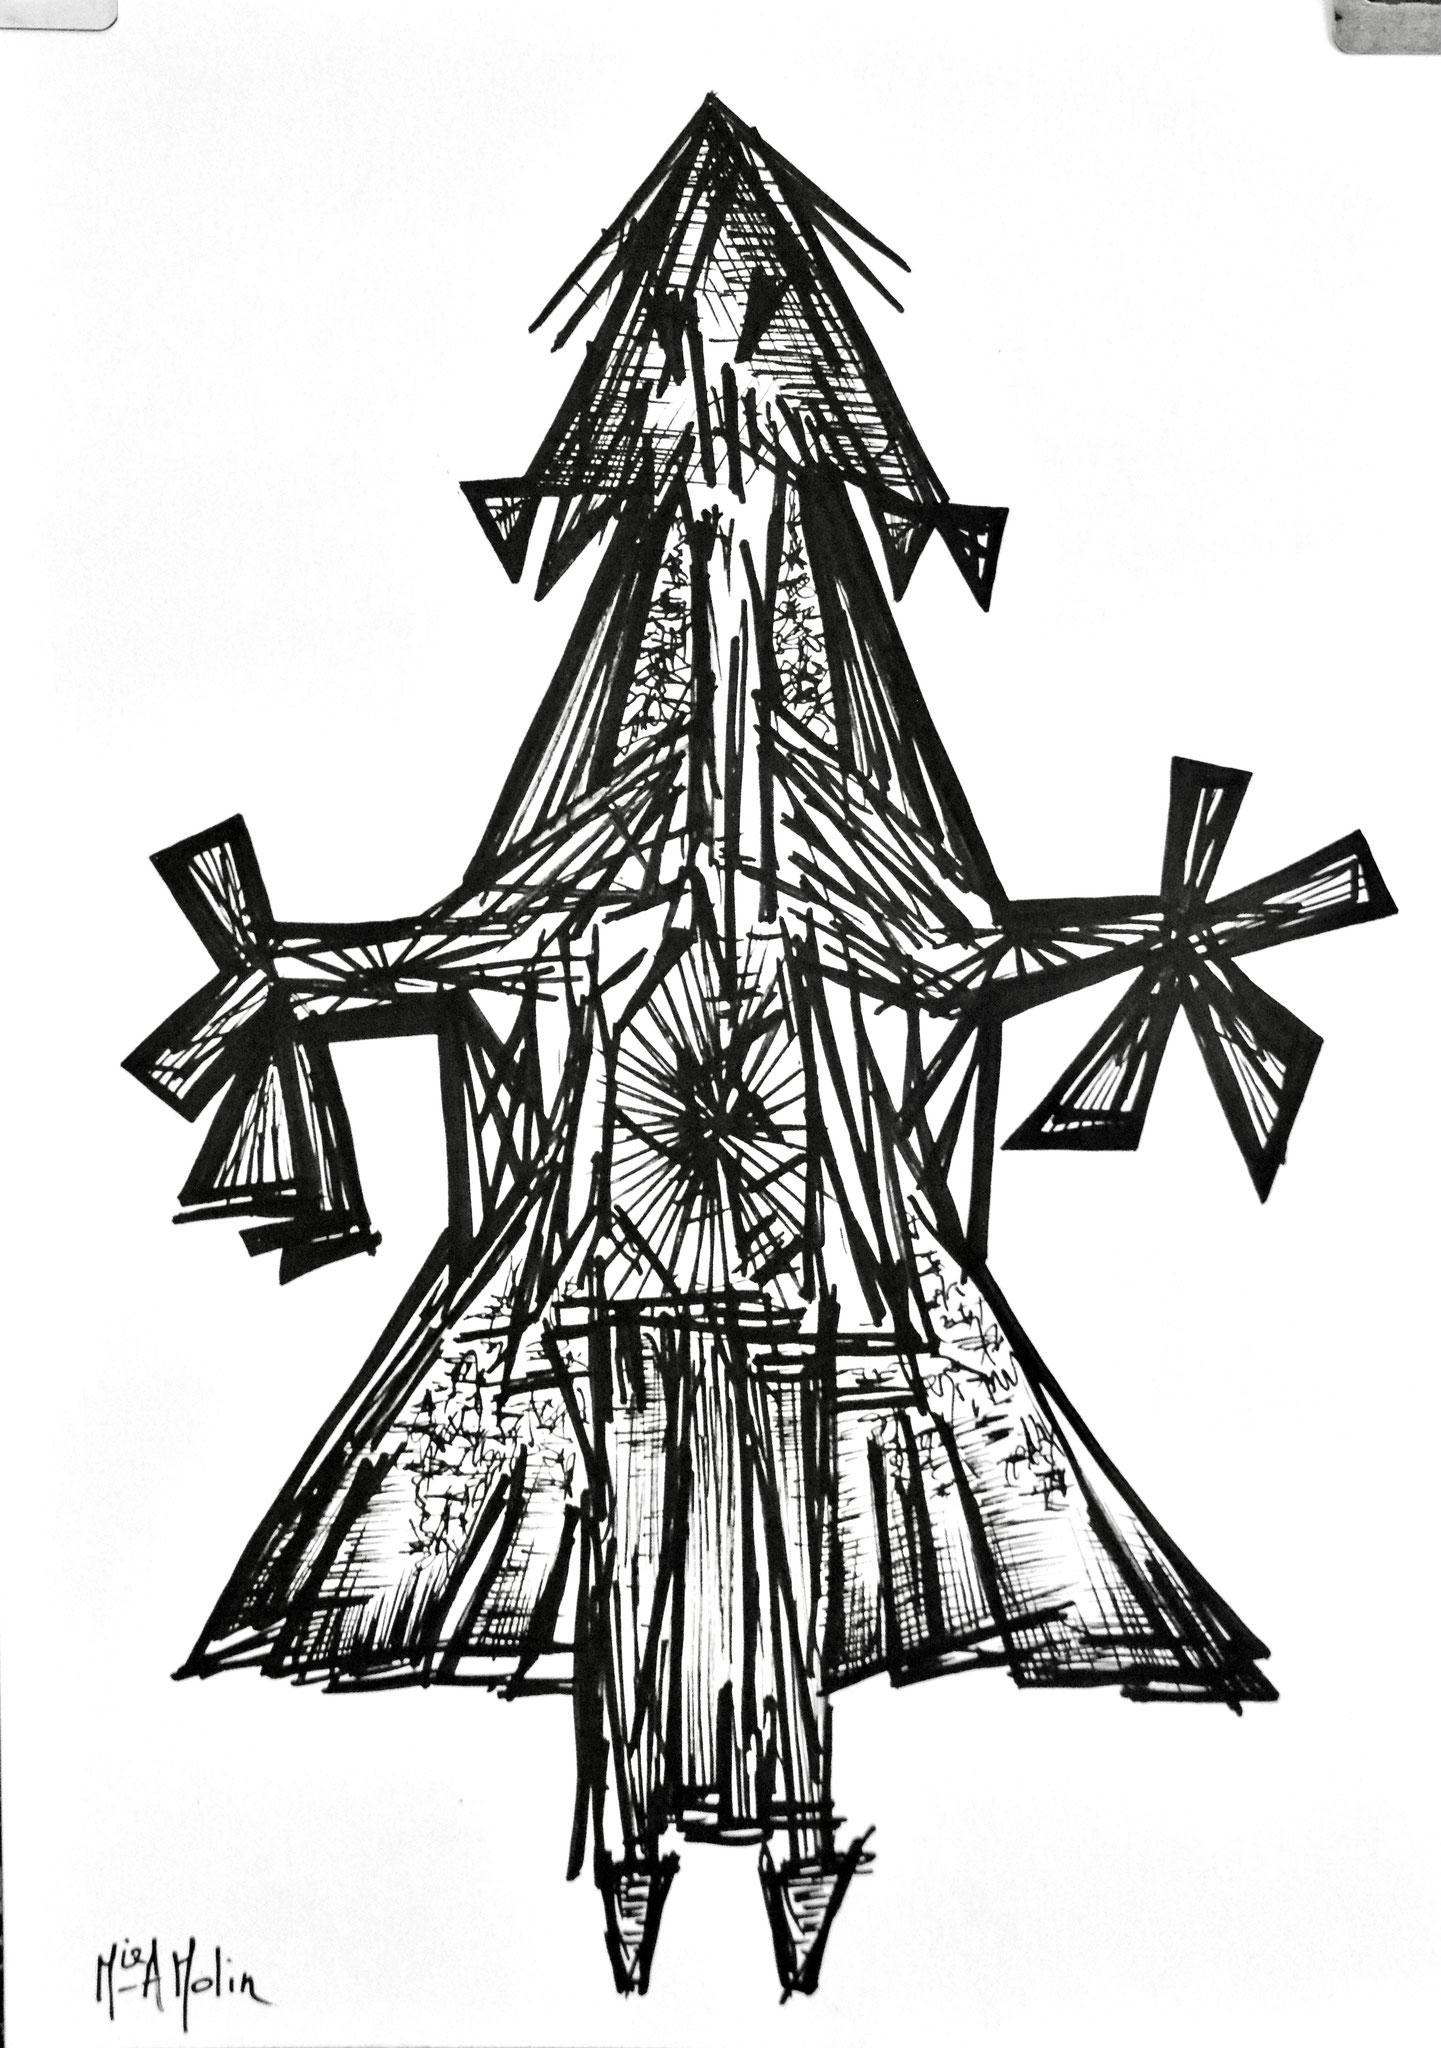 Marqueur acrylique sur papier - Format 42X29,7 cm